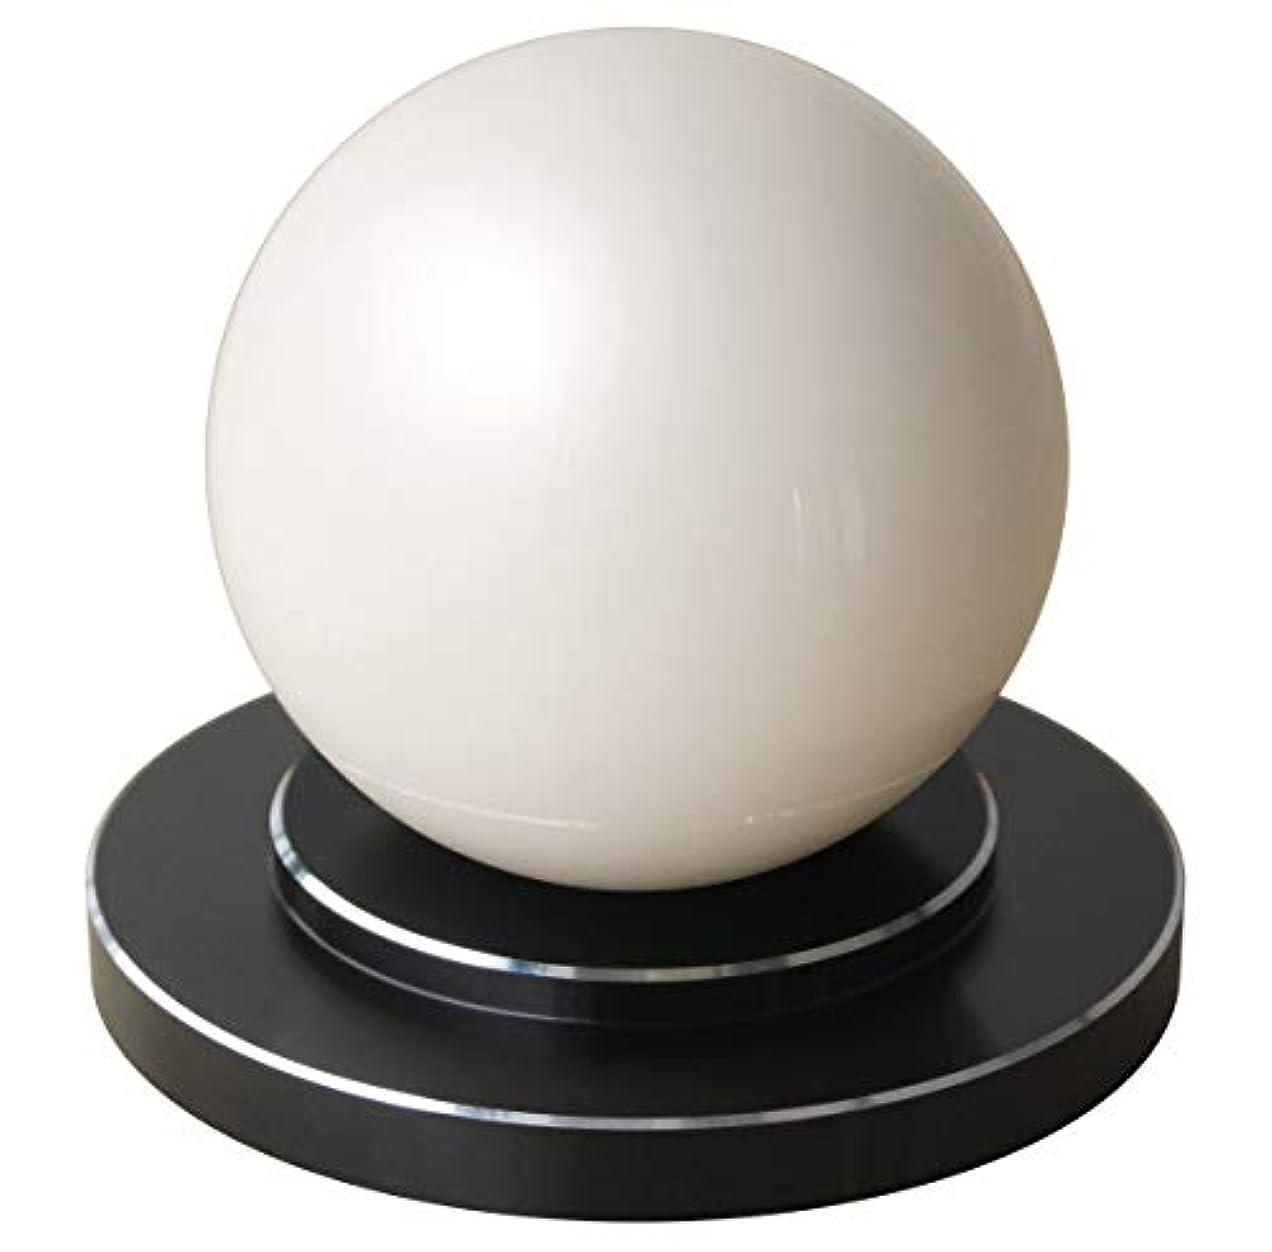 サービス浜辺第四商品名:楽人球(らくときゅう):インテリアにもなるスタイリッシュな指圧器。光沢のある大きな球体。美しさと指圧の実力を兼ね備えた全く新しいタイプの指圧器。筋肉のこりをほぐし、リラックスできる。 【 すごく効く理由→一点圧により指圧位置の微調整が可能。大きな球体(直径75mm)により身体にゆるやかに当たる。硬い球体により指圧部位にしっかり入る。球体と台座が分離することにより、頭、首、肩、背中、腰、胸、腹、お尻、太もも、ふくらはぎ、すね、足裏、腕、身体の前面も背面も指圧部位ごとに使いやすい形状と使用方法(おす?さする?もむ?たたく)を選択可能。】楽人球の「特徴?使用方法?使用上のご注意」に関しての詳細は株式会社楽人のホームページへ→「楽人球」で検索。指圧 指圧器 指圧代用器 整体 マッサージ マッサージ器 ツボ押し ツボ押しグッズ つぼおし つぼ押し 肩こり 腰痛 こりほぐし インテリア